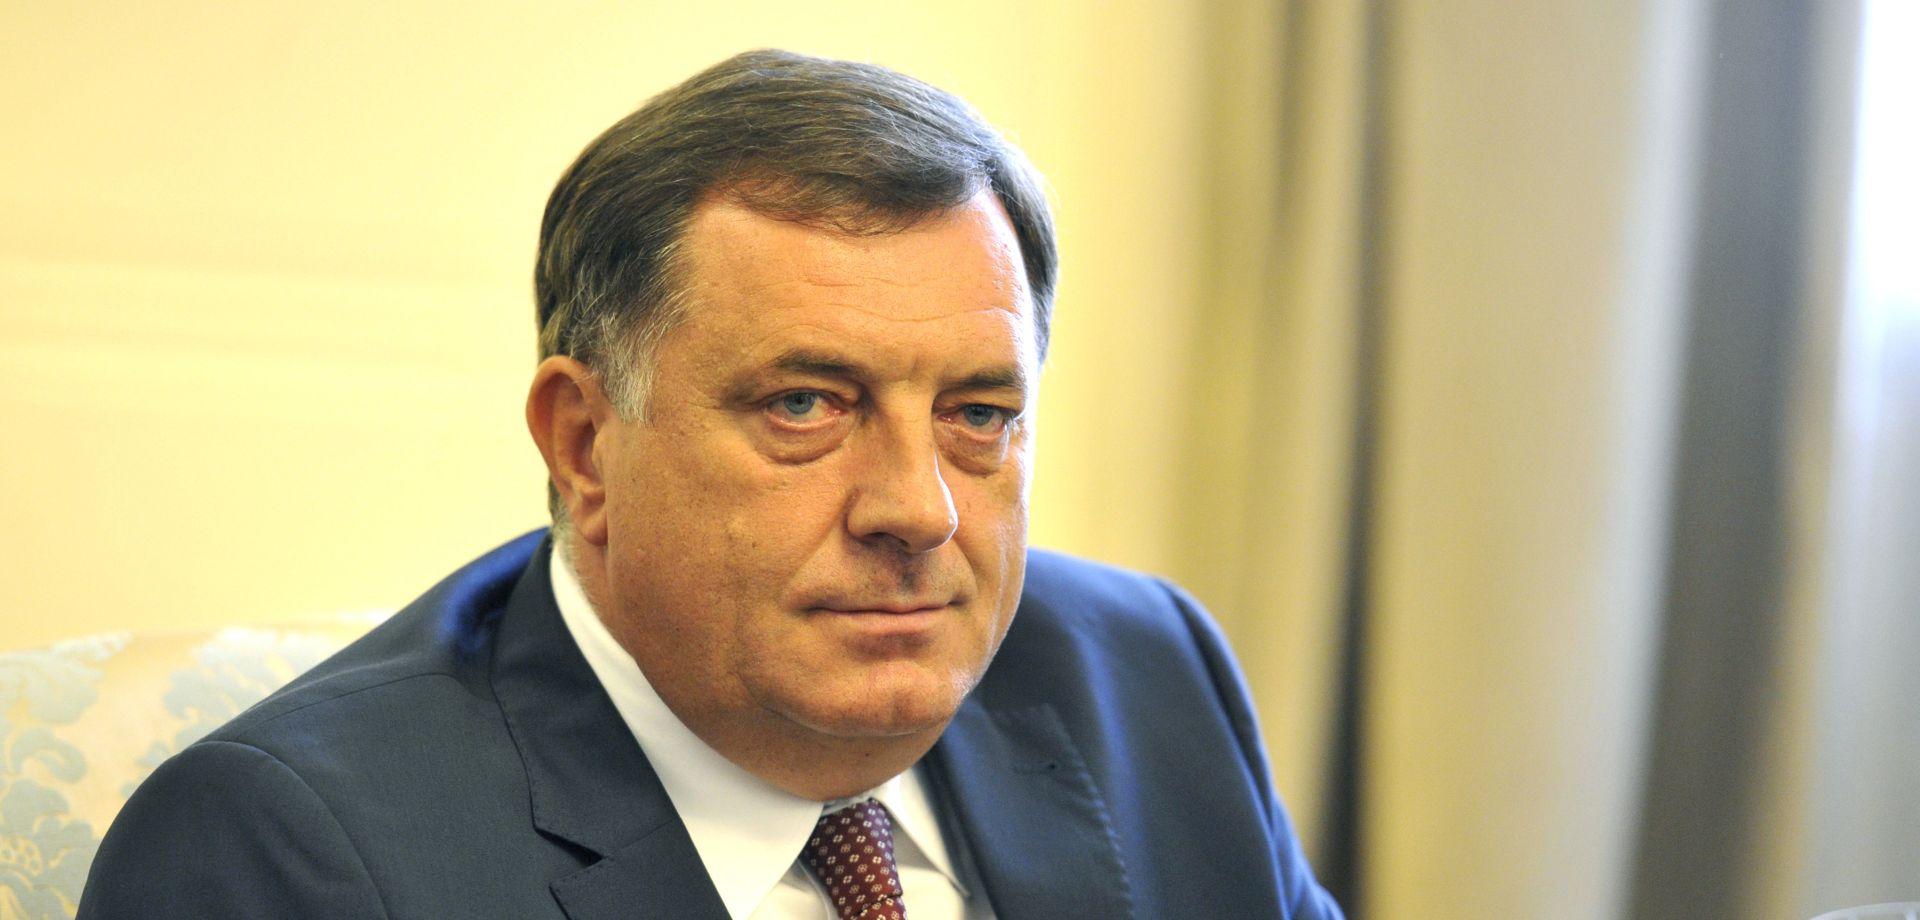 DODIK Izetbegović je Srbin koji bježi od svog podrijetla